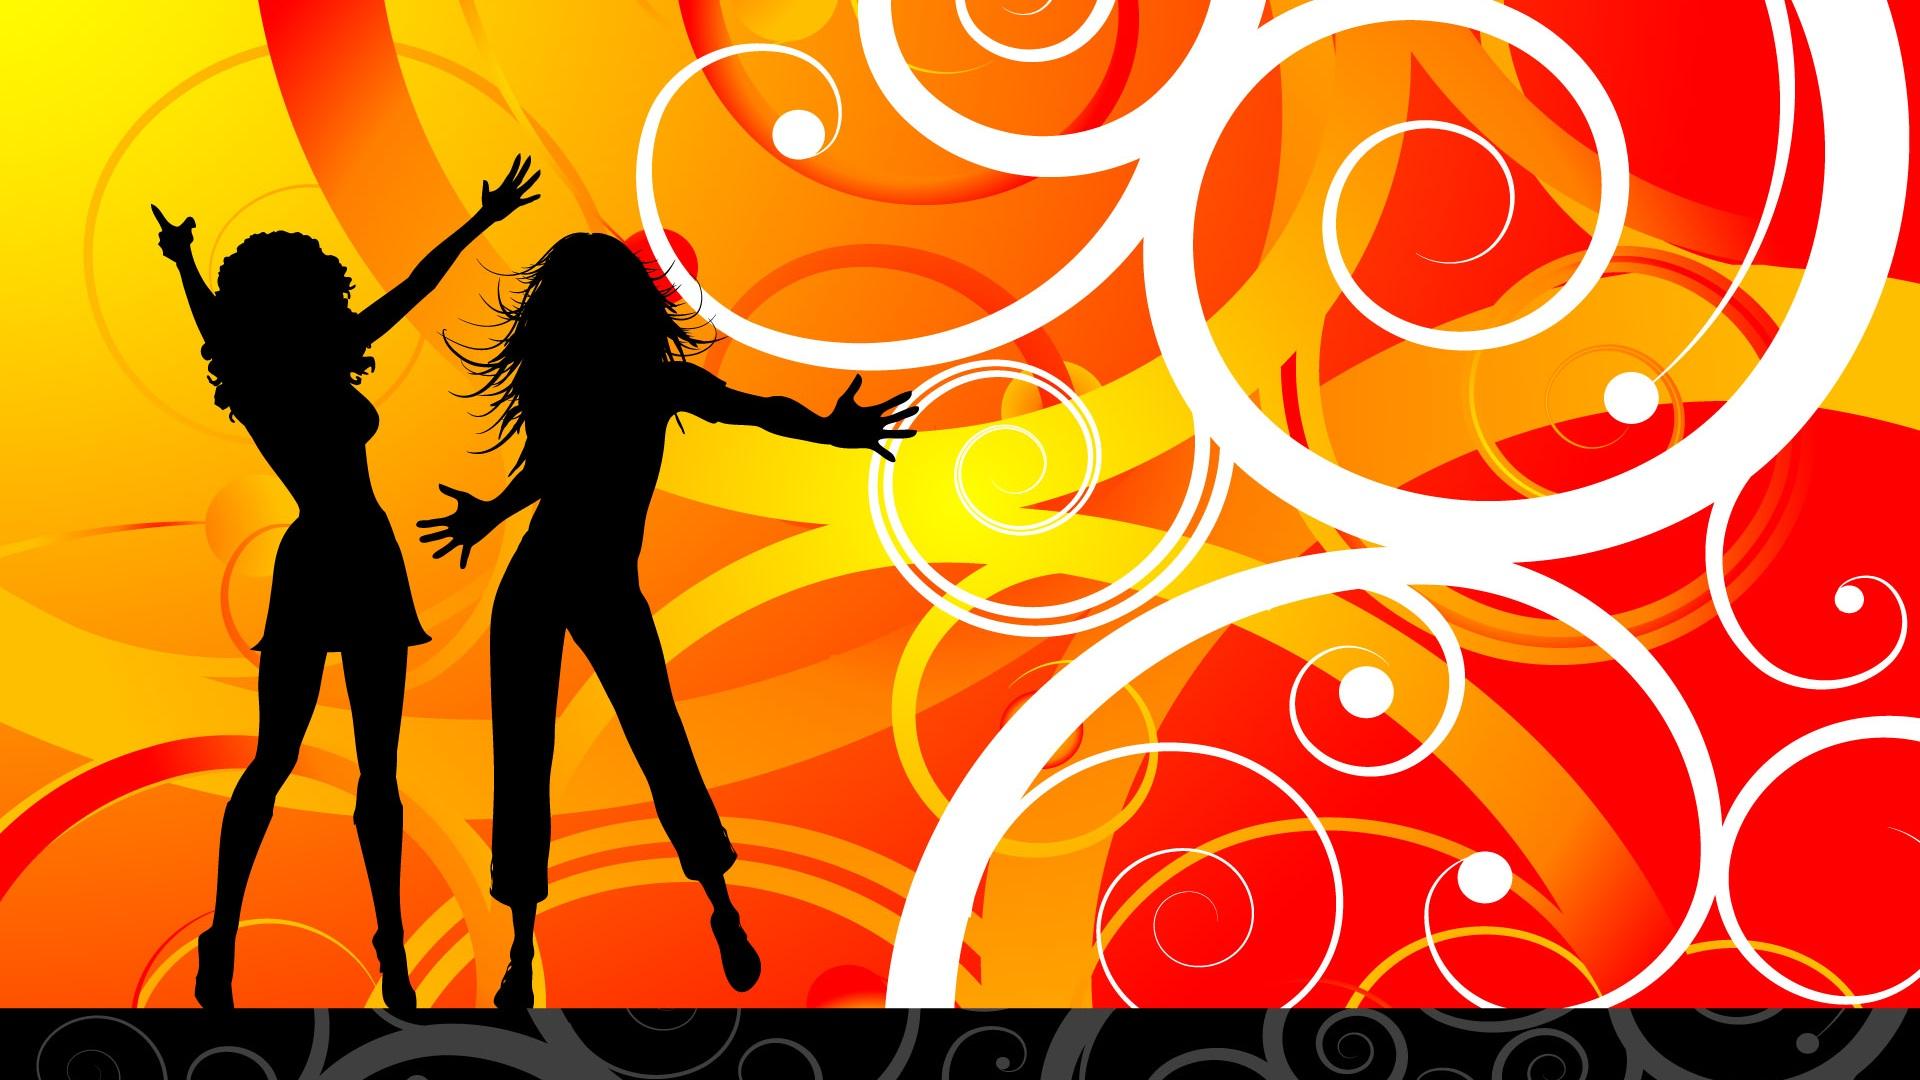 Картинки на тему танцы для презентации, картинки